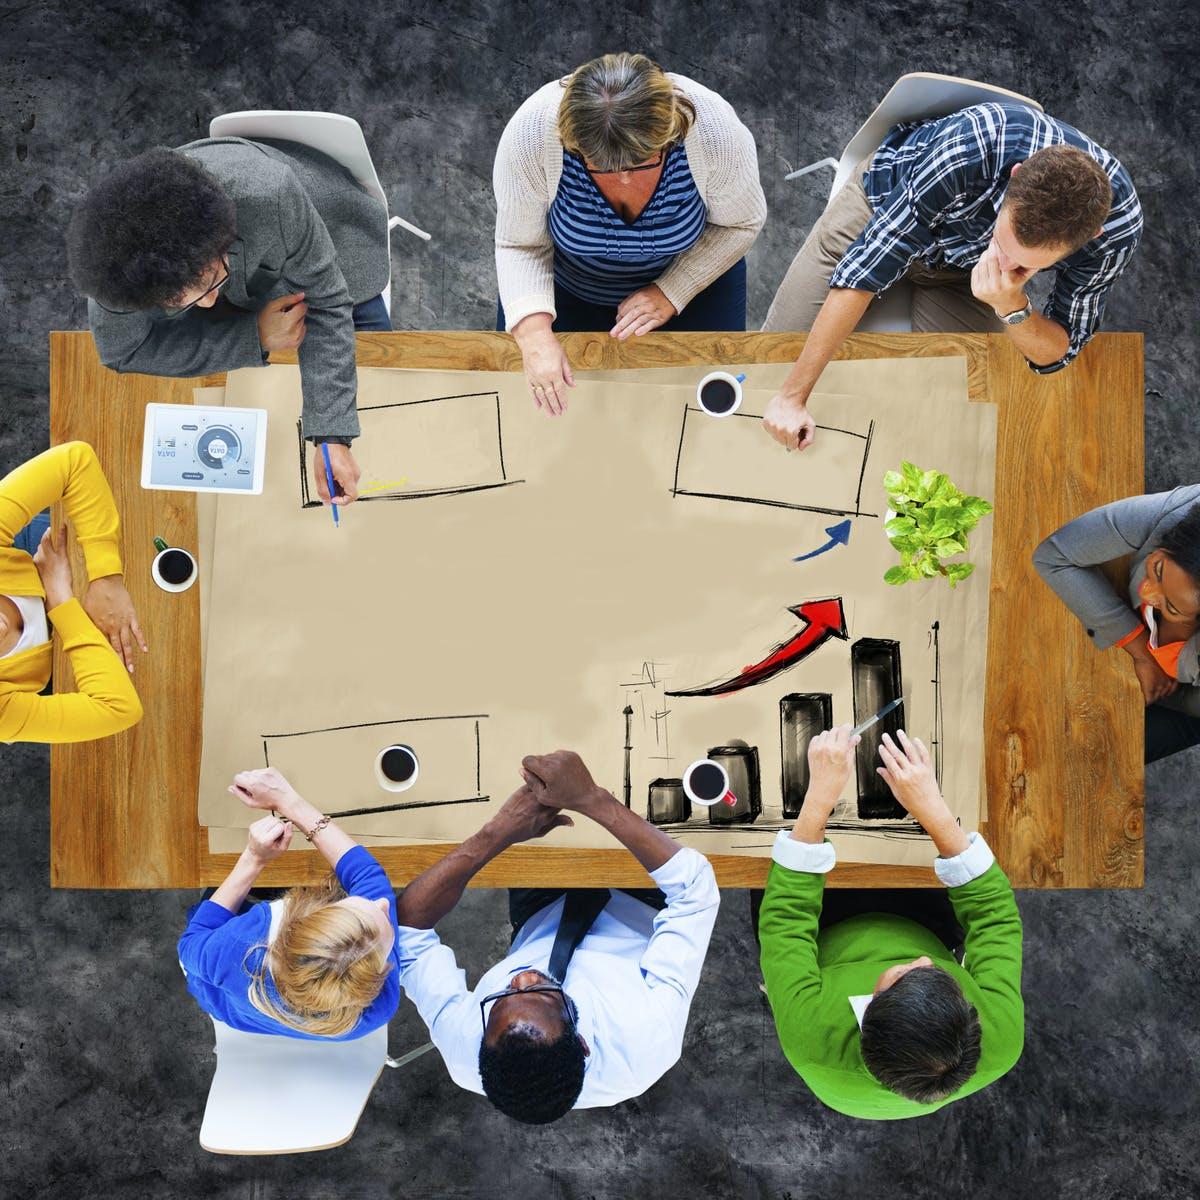 影响董事会和治理过程效率的因素